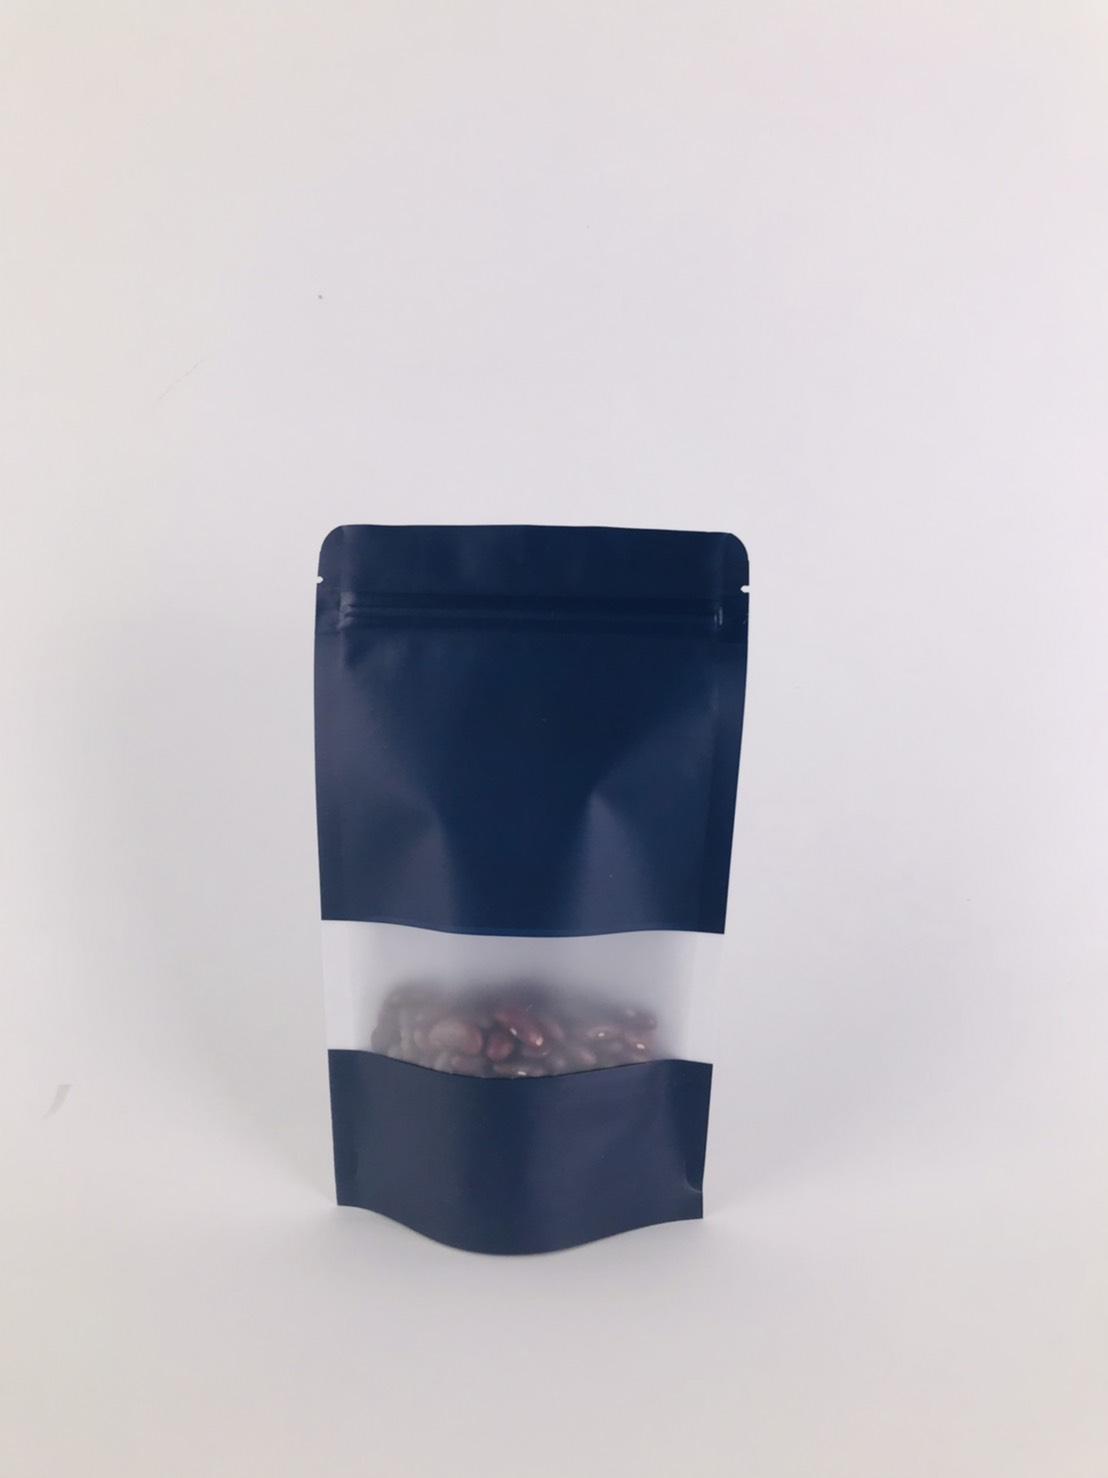 ถุงซิปล็อค ถุงกระดาษคราฟท์ ถุงคราฟท์ มีหน้าต่าง ตั้งได้ สีกรม 12×20 ซม. [50 ใบ]